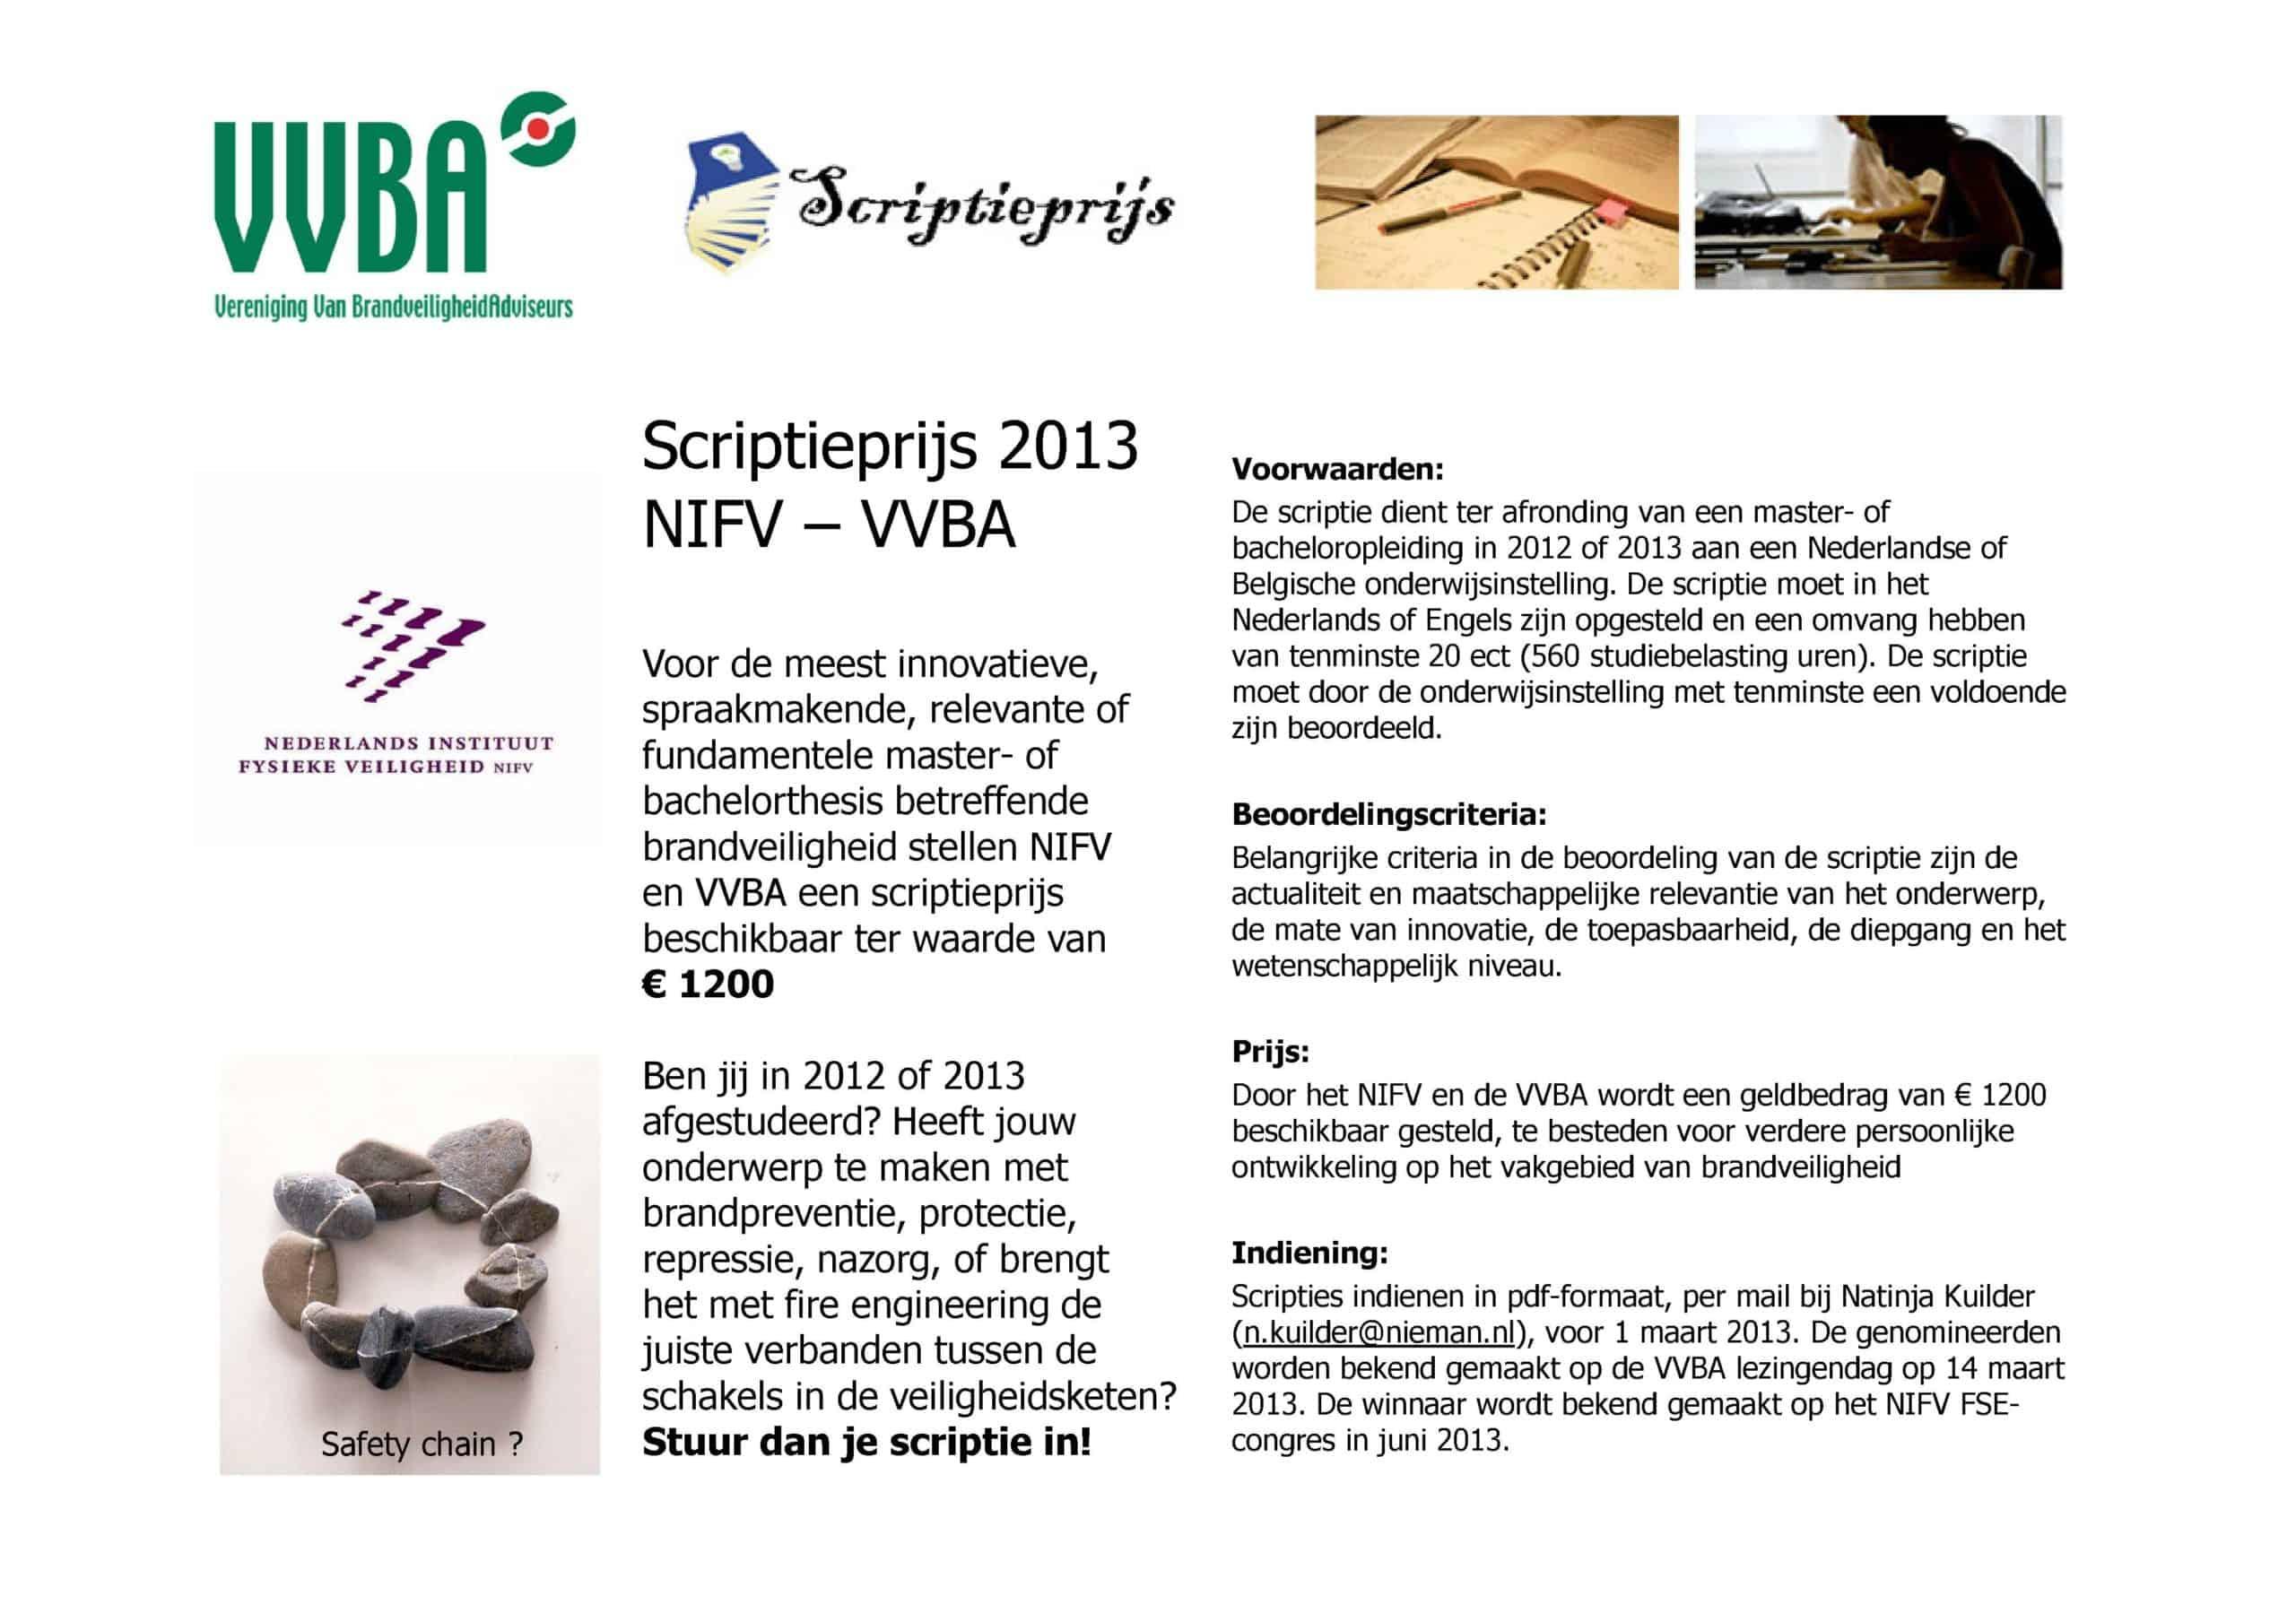 VVBA-NIFV-scriptieprijs-2013-1-scaled